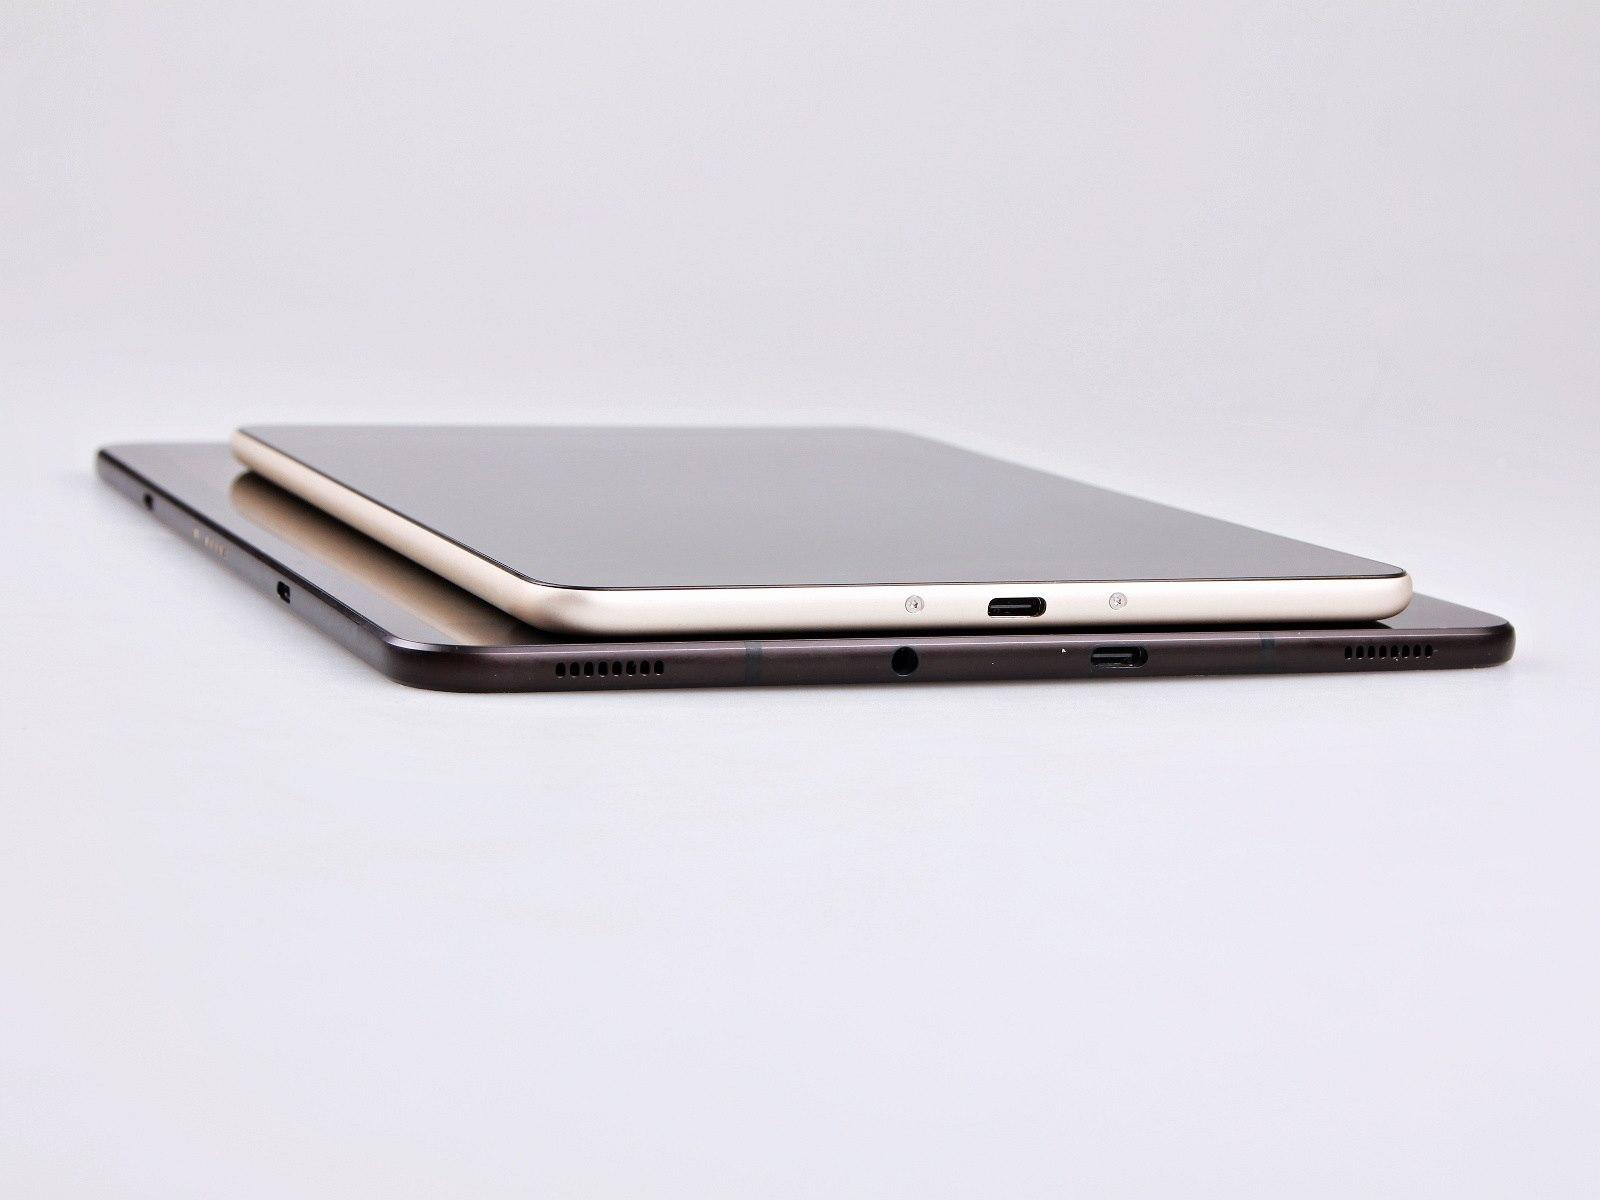 Ačkoliv mělo Xiaomi k dispozici méně prostoru v tabletu je větÅ¡ baterie než v modelu